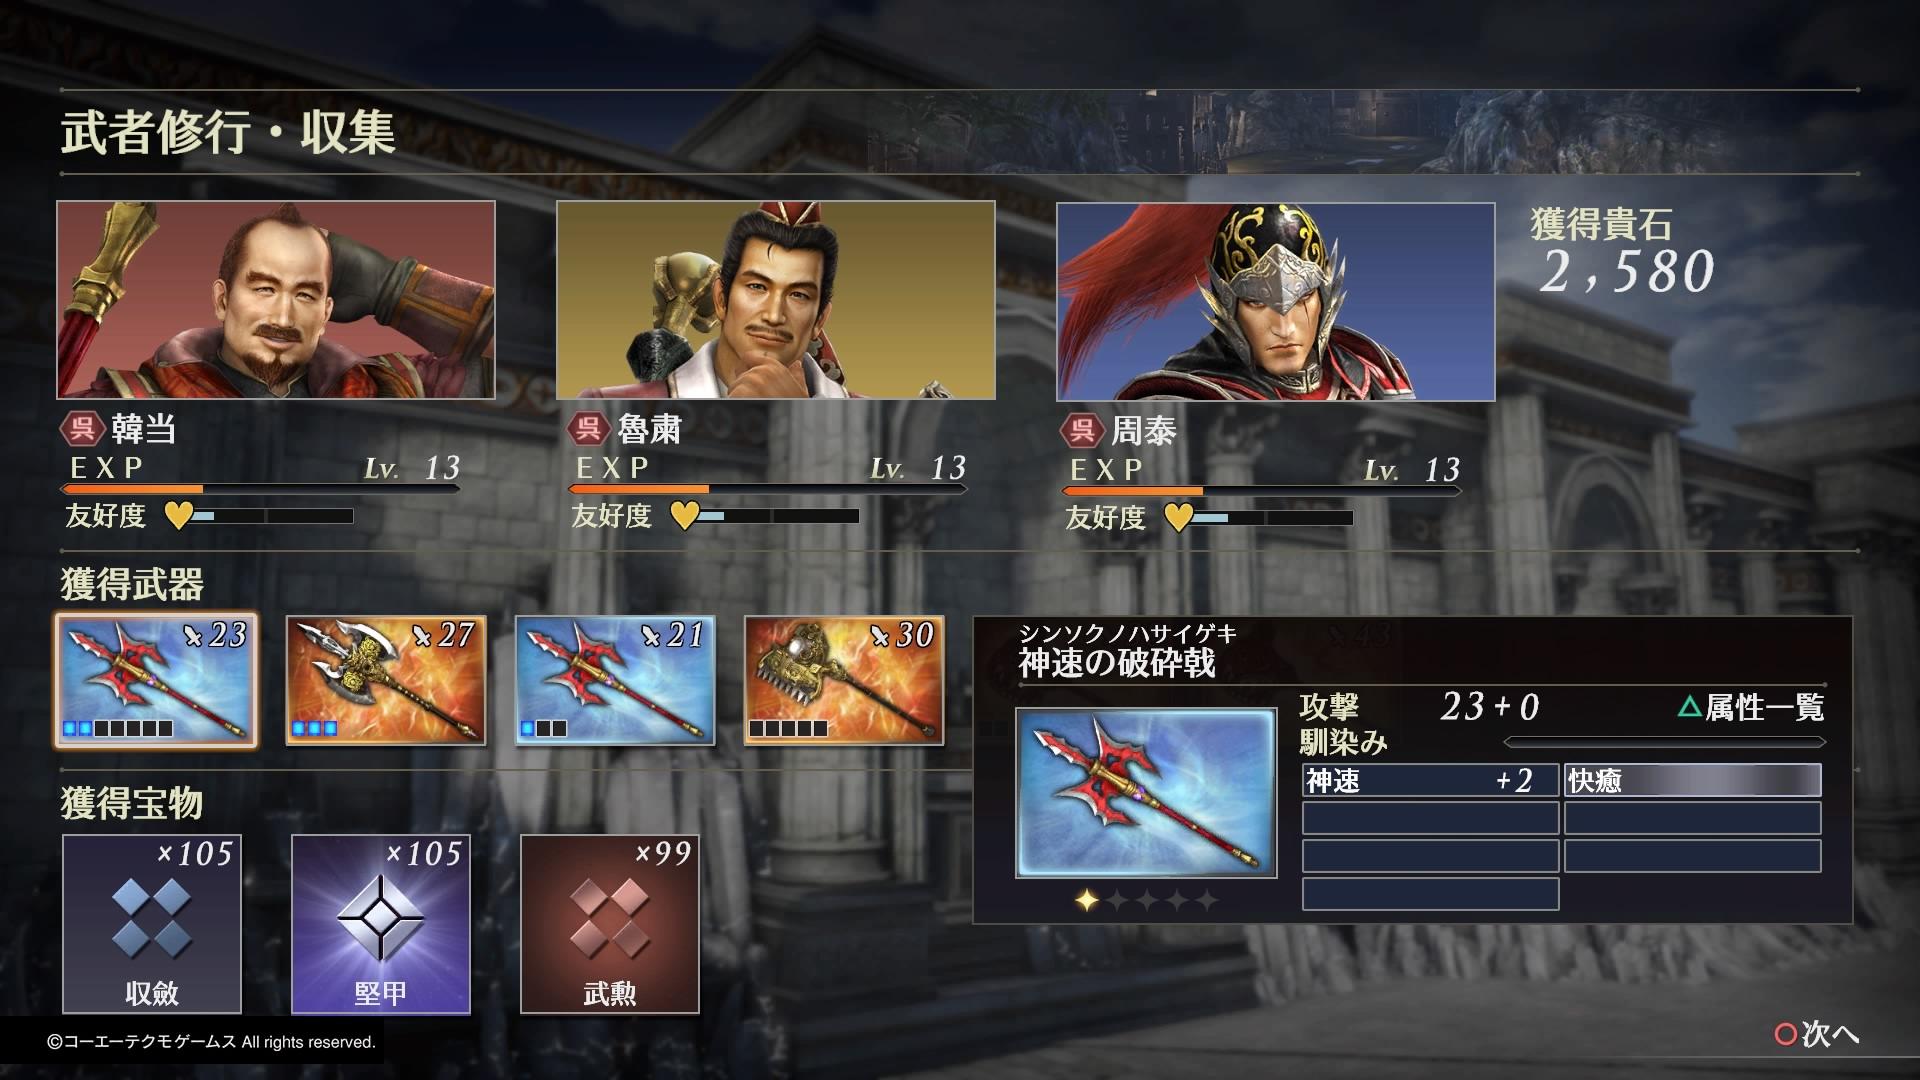 呂布 無双 orochi3 『無双 OROCHI3』最新PV&TVCMが公開―「呂布」の神格化や「赤いきつね」とのコラボも決定!